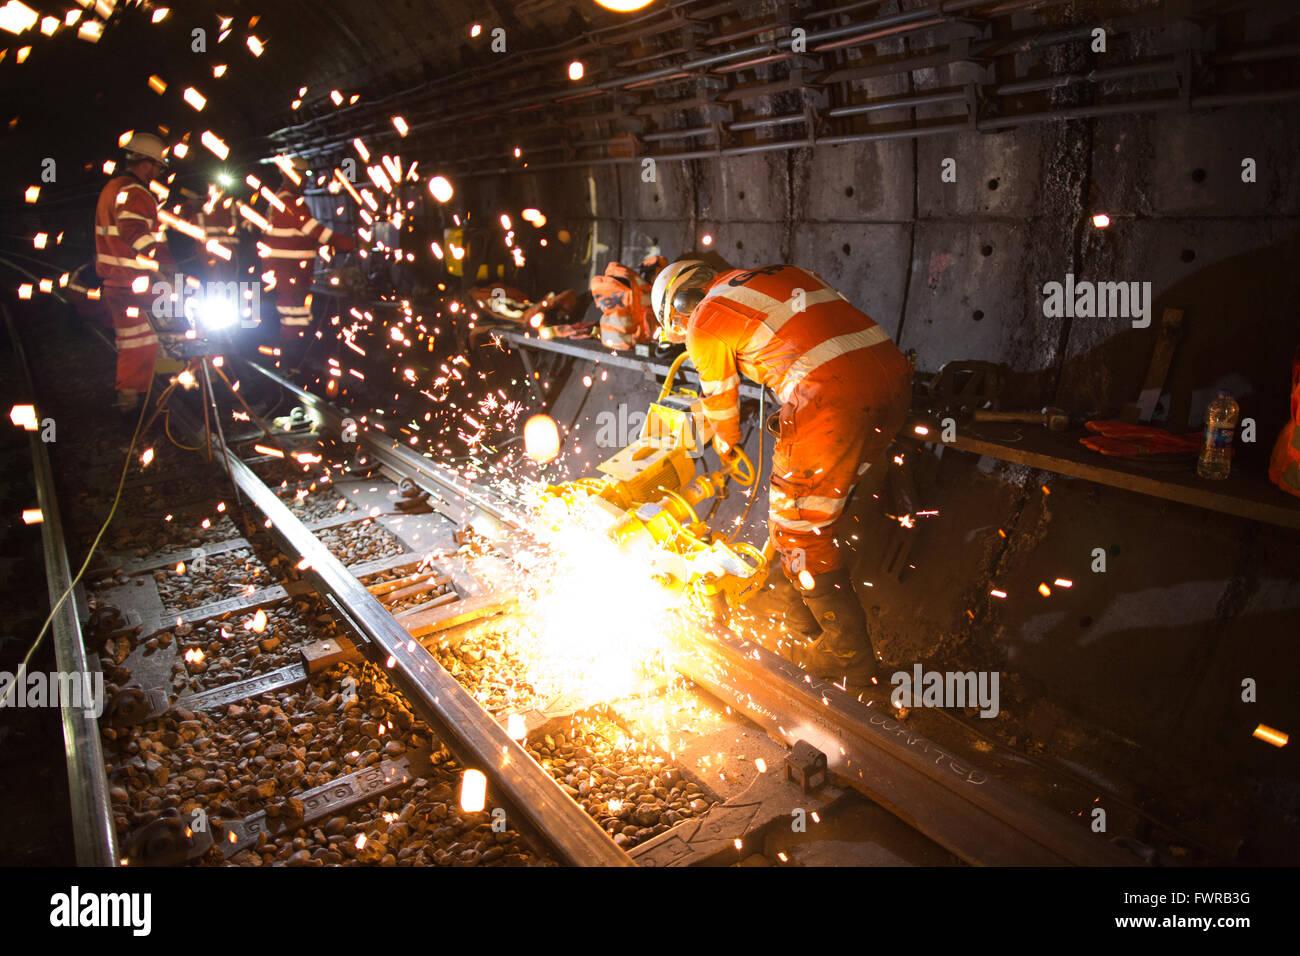 Gli ingegneri di sostituzione di macinazione via componenti dopo utilizzando thermite saldatura sulla metropolitana Immagini Stock